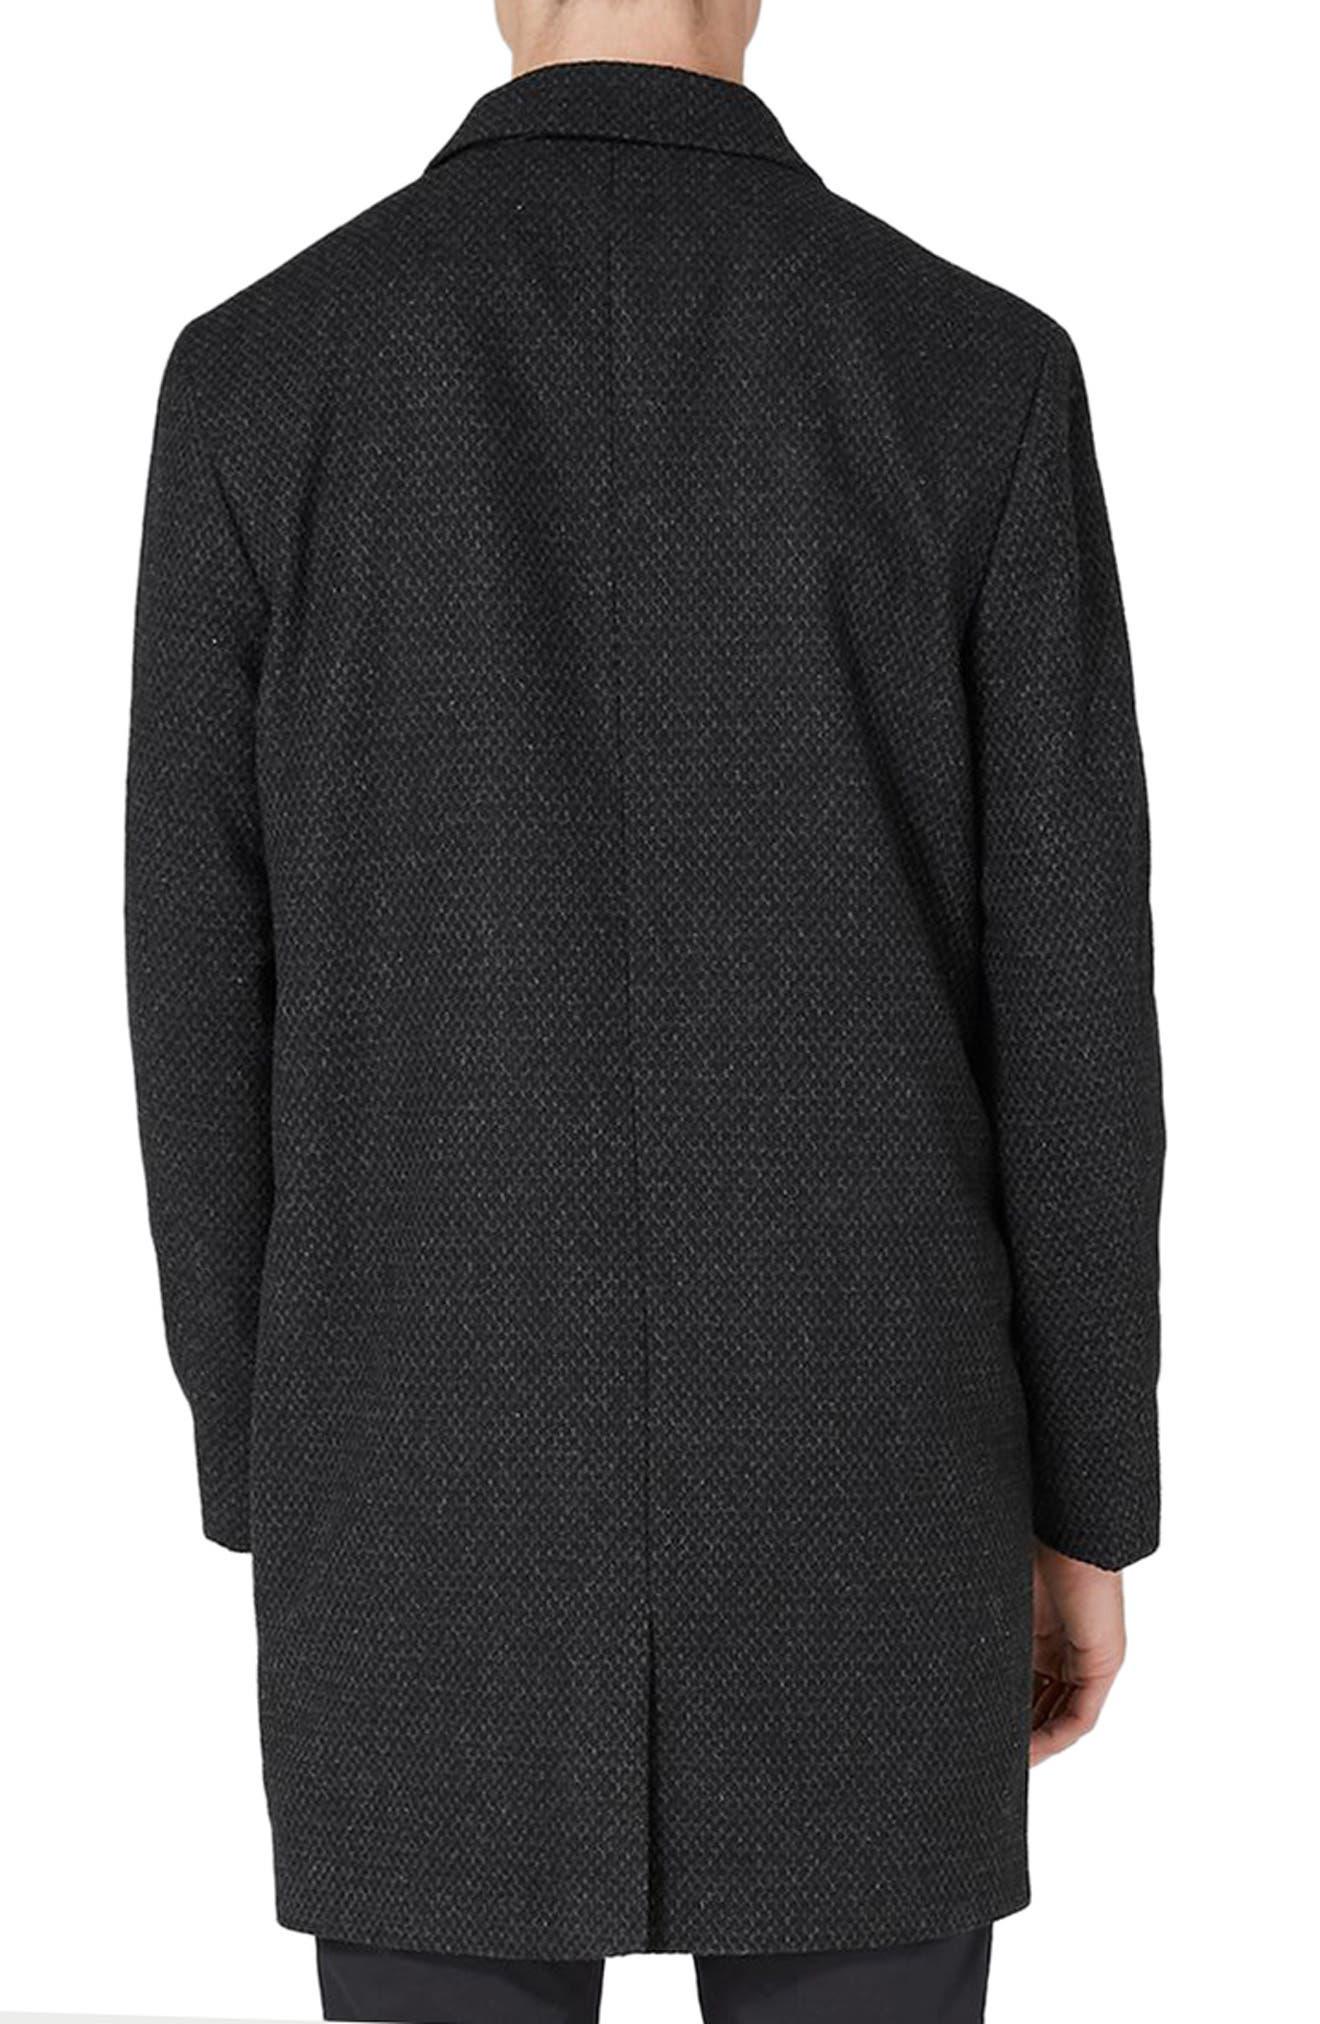 Alternate Image 2  - Topman Textured Overcoat